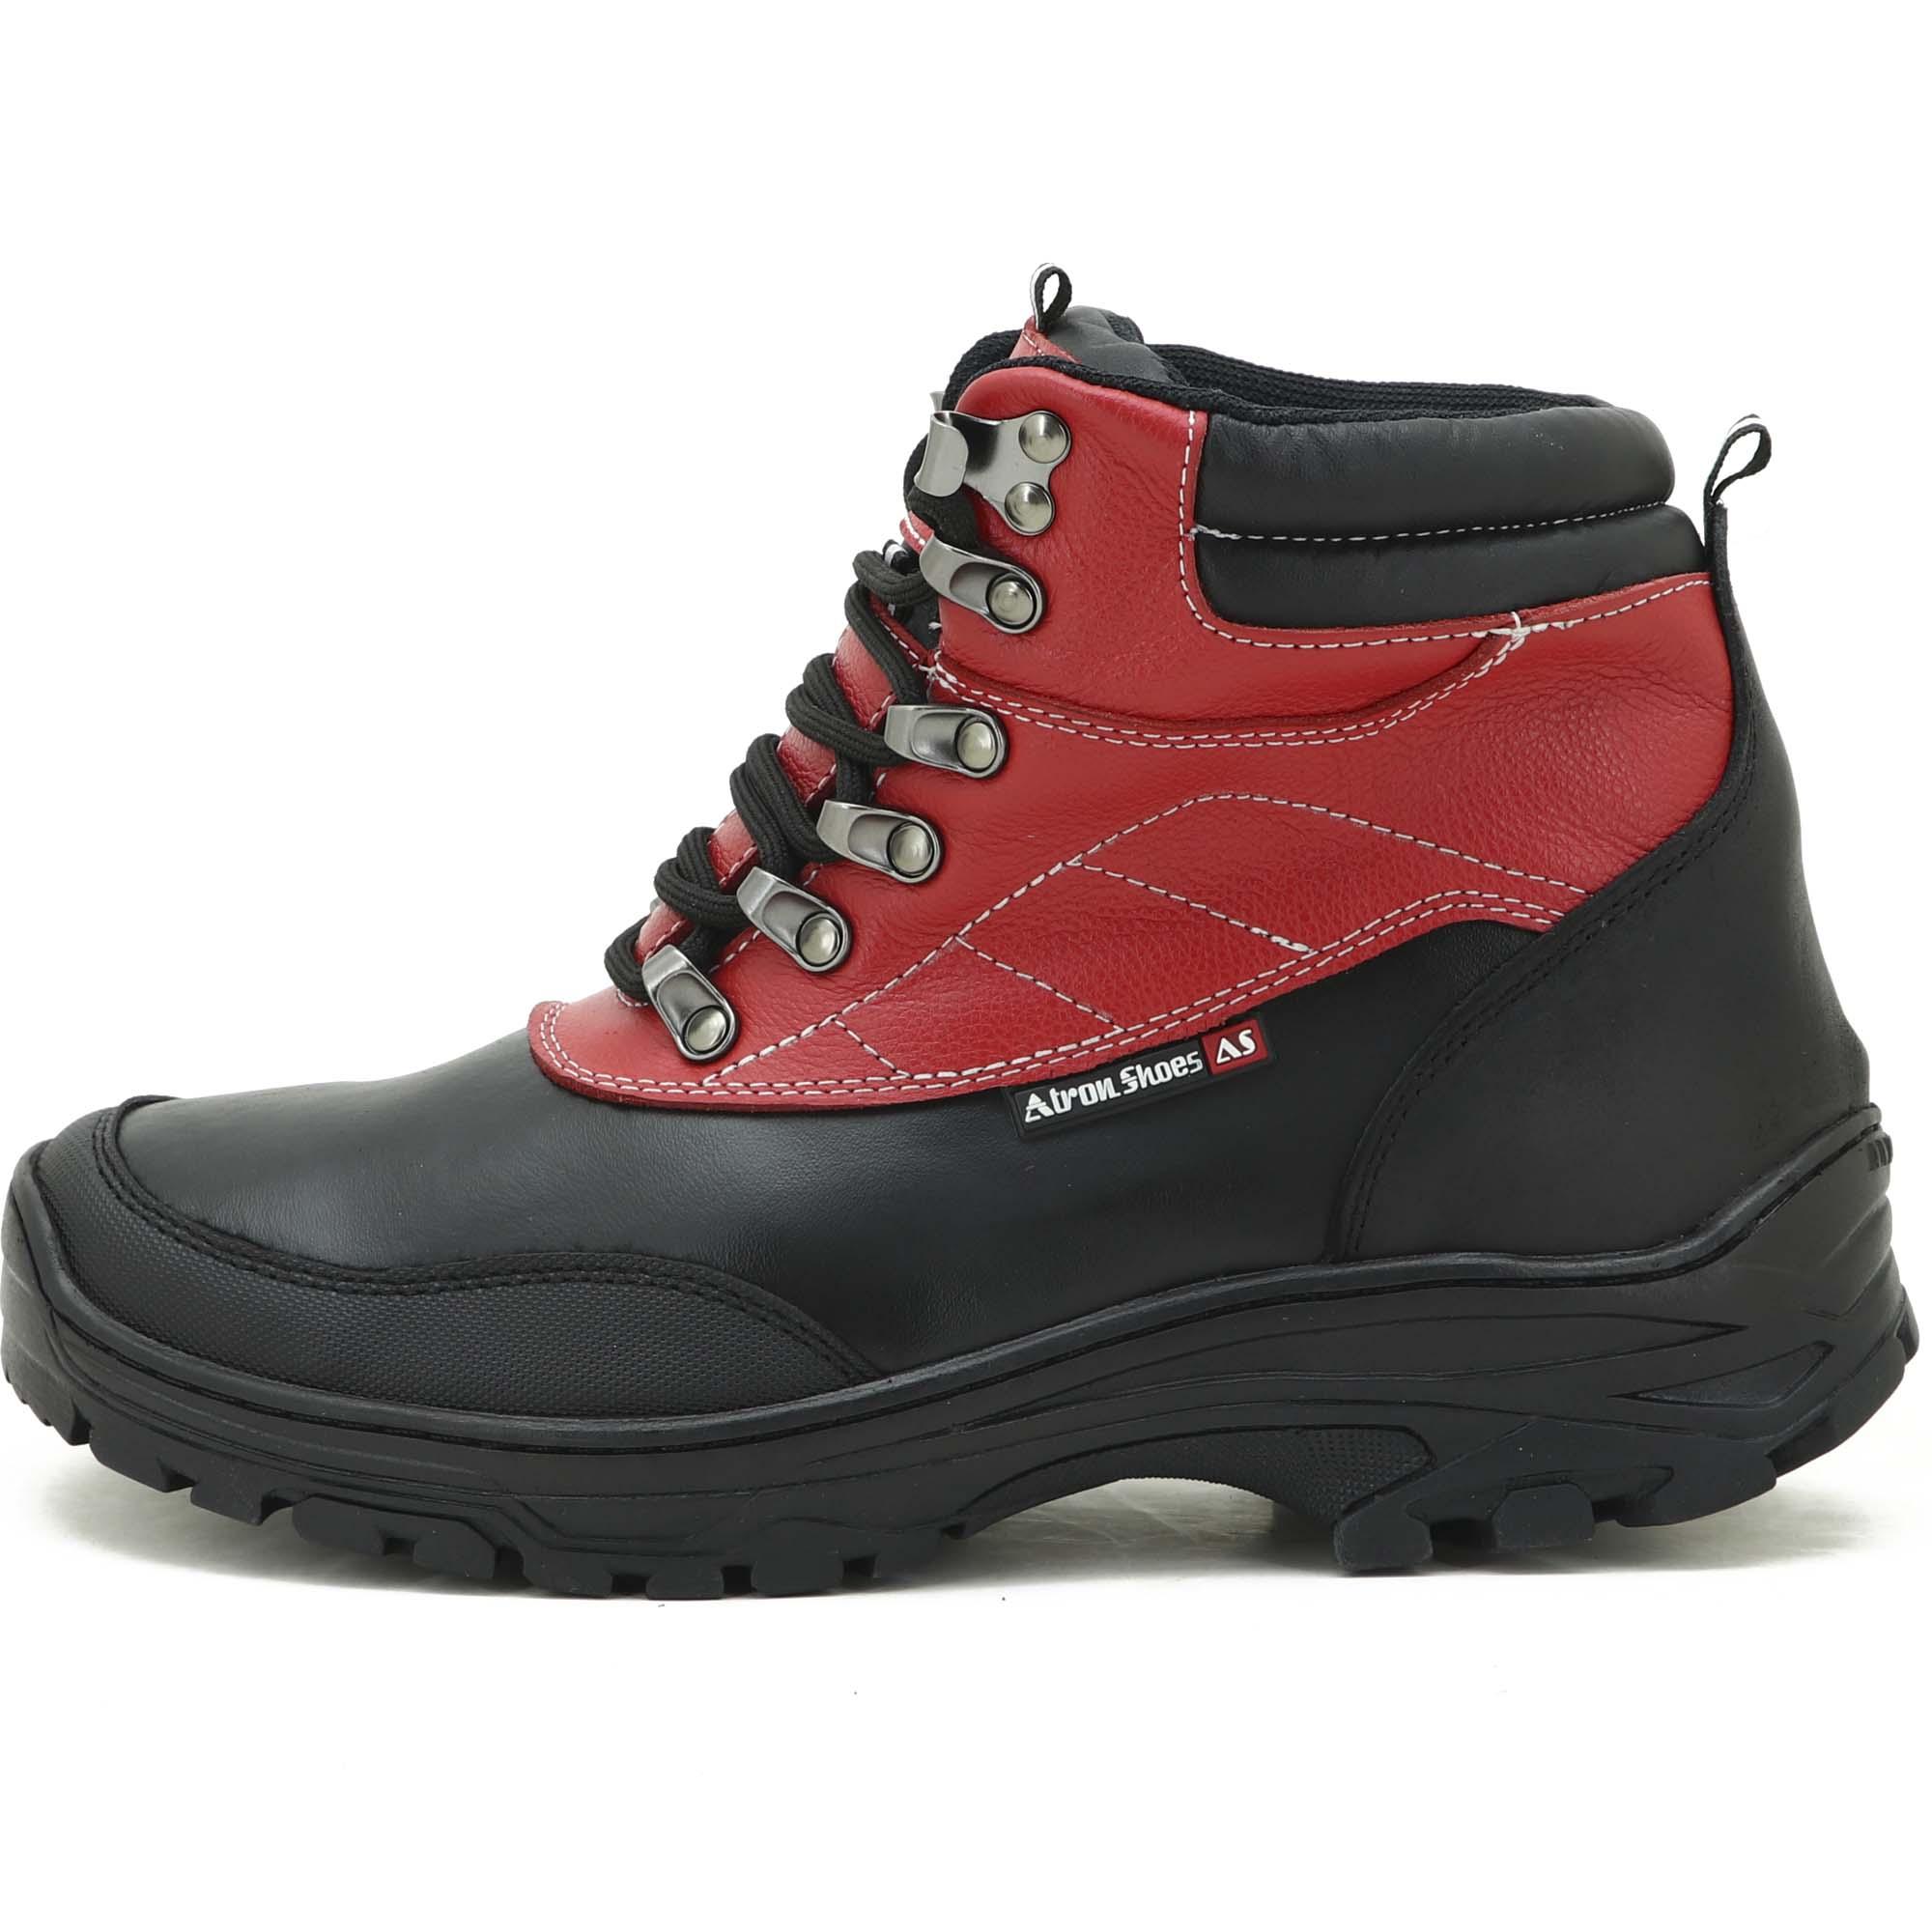 Coturno adventure trekking em couro legitimo preto e vermelho 246